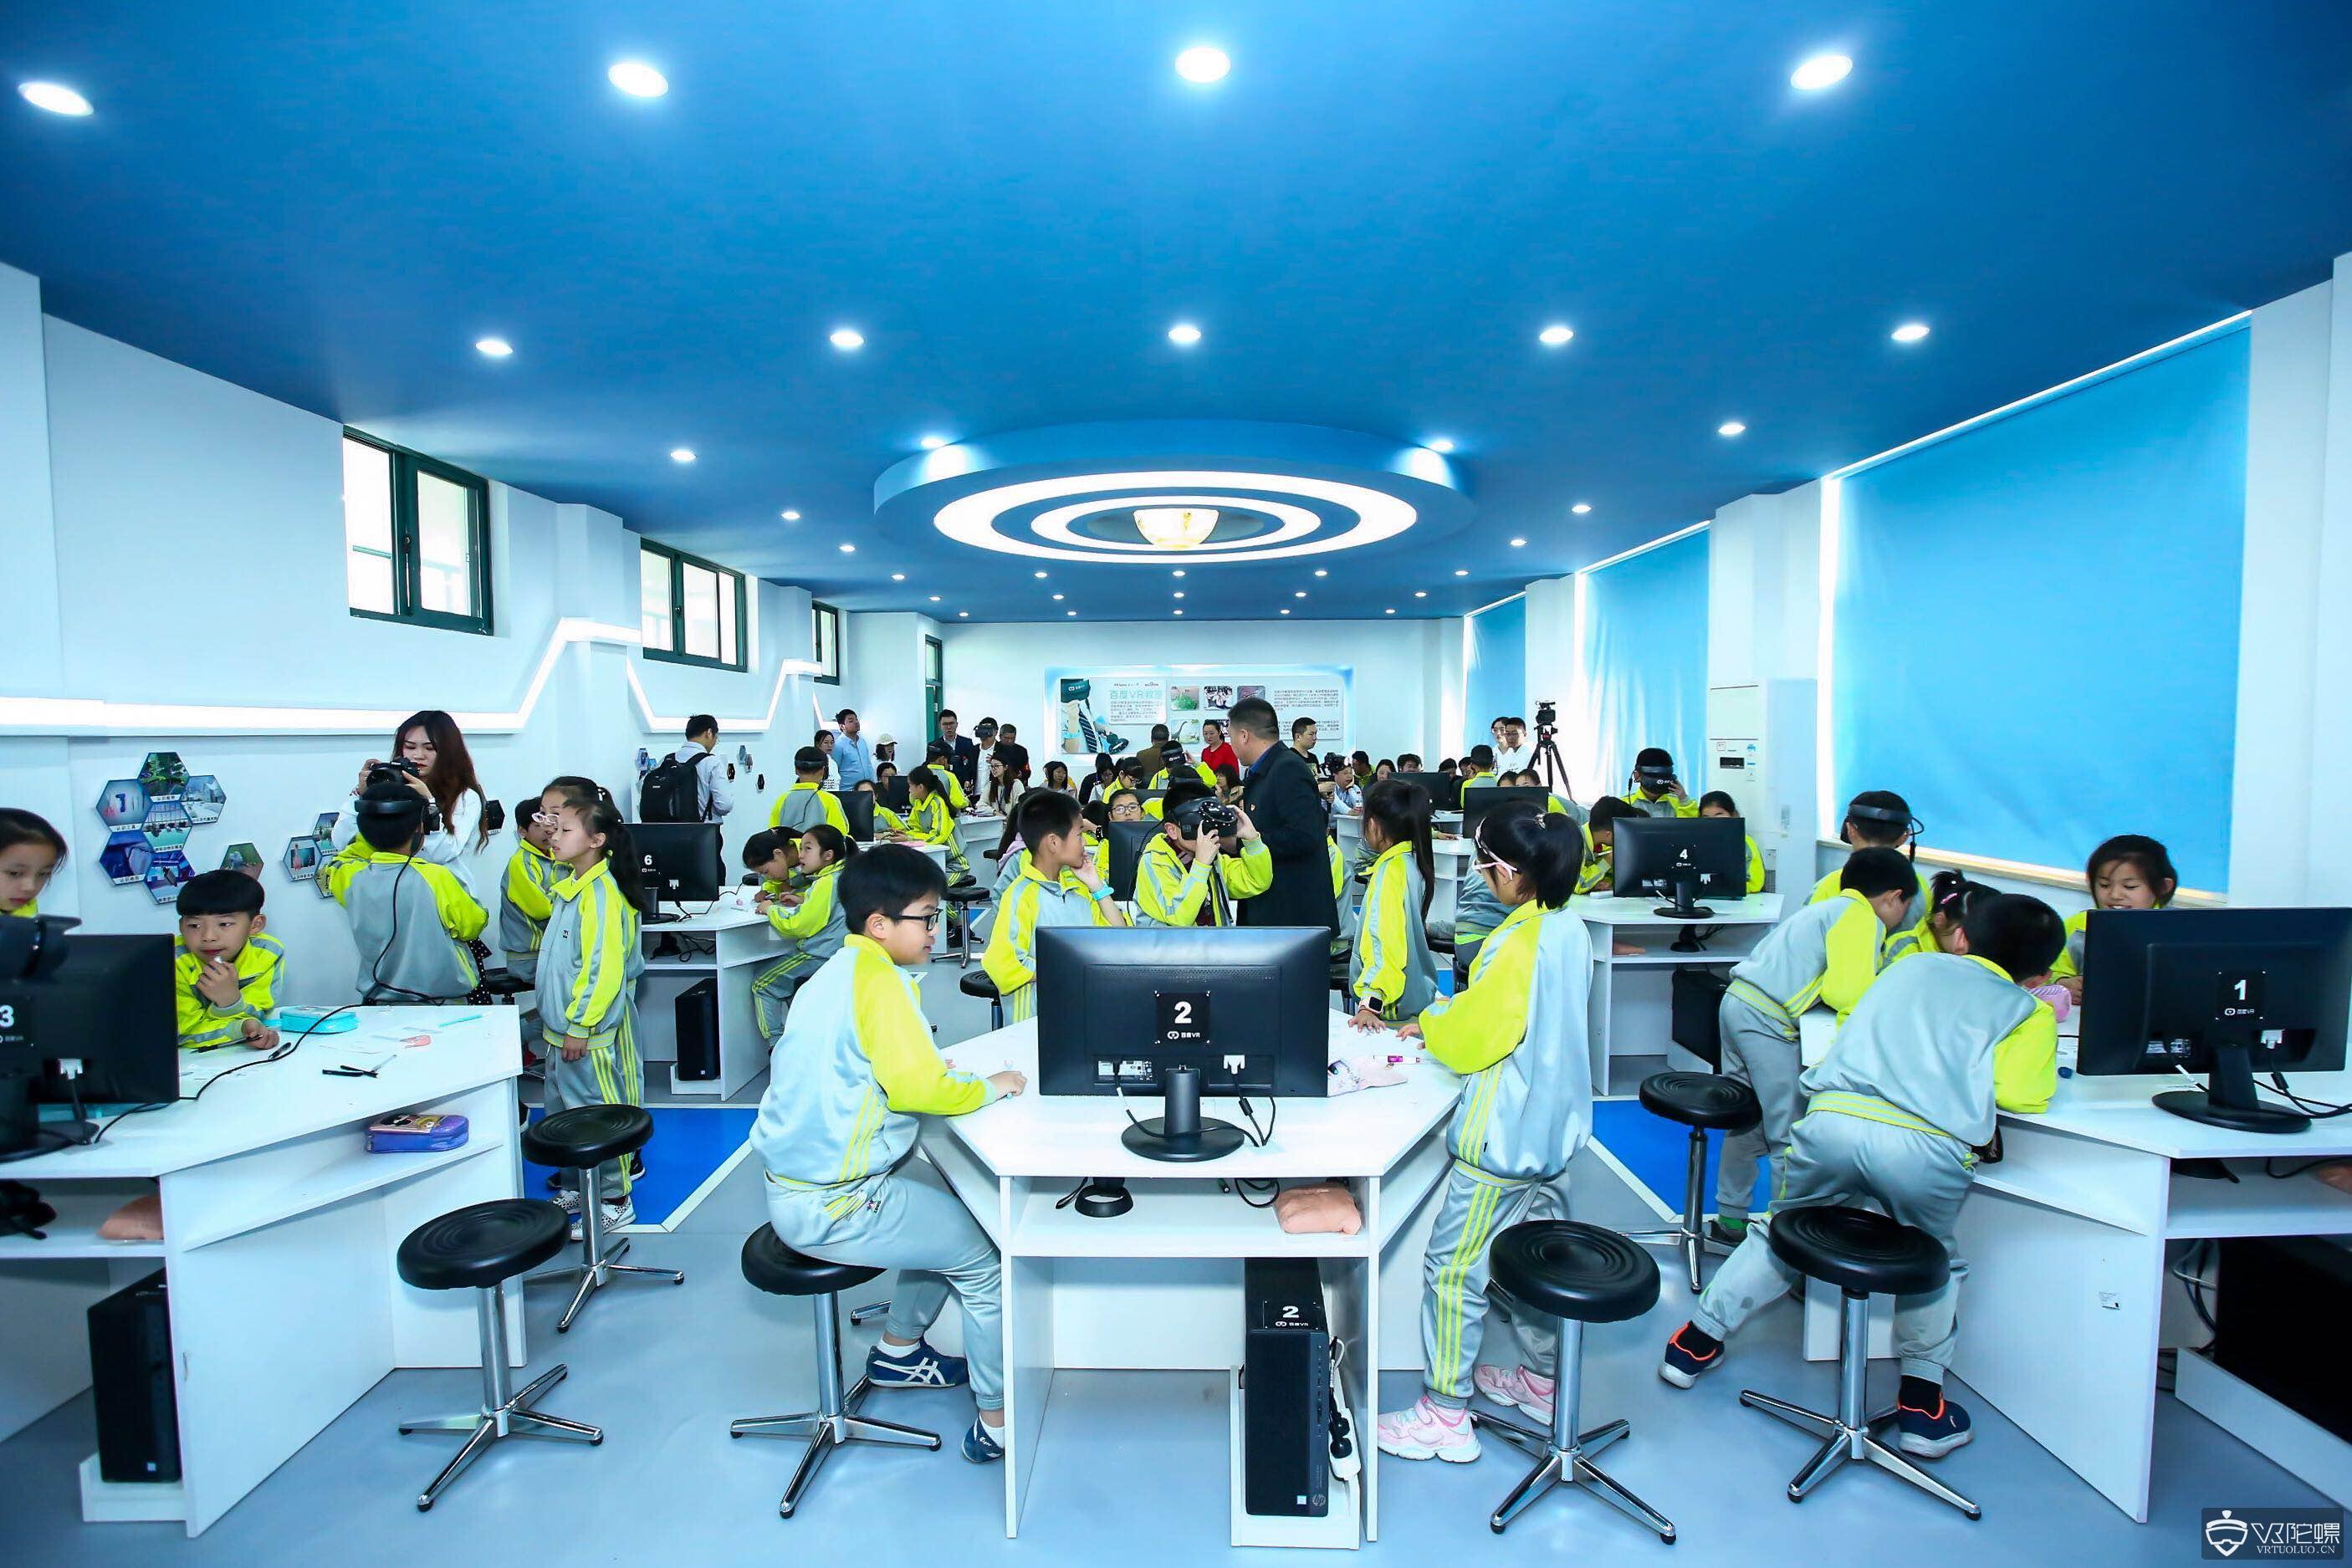 VR教室落地嘉兴市吉水小学,百度VR再显锋芒